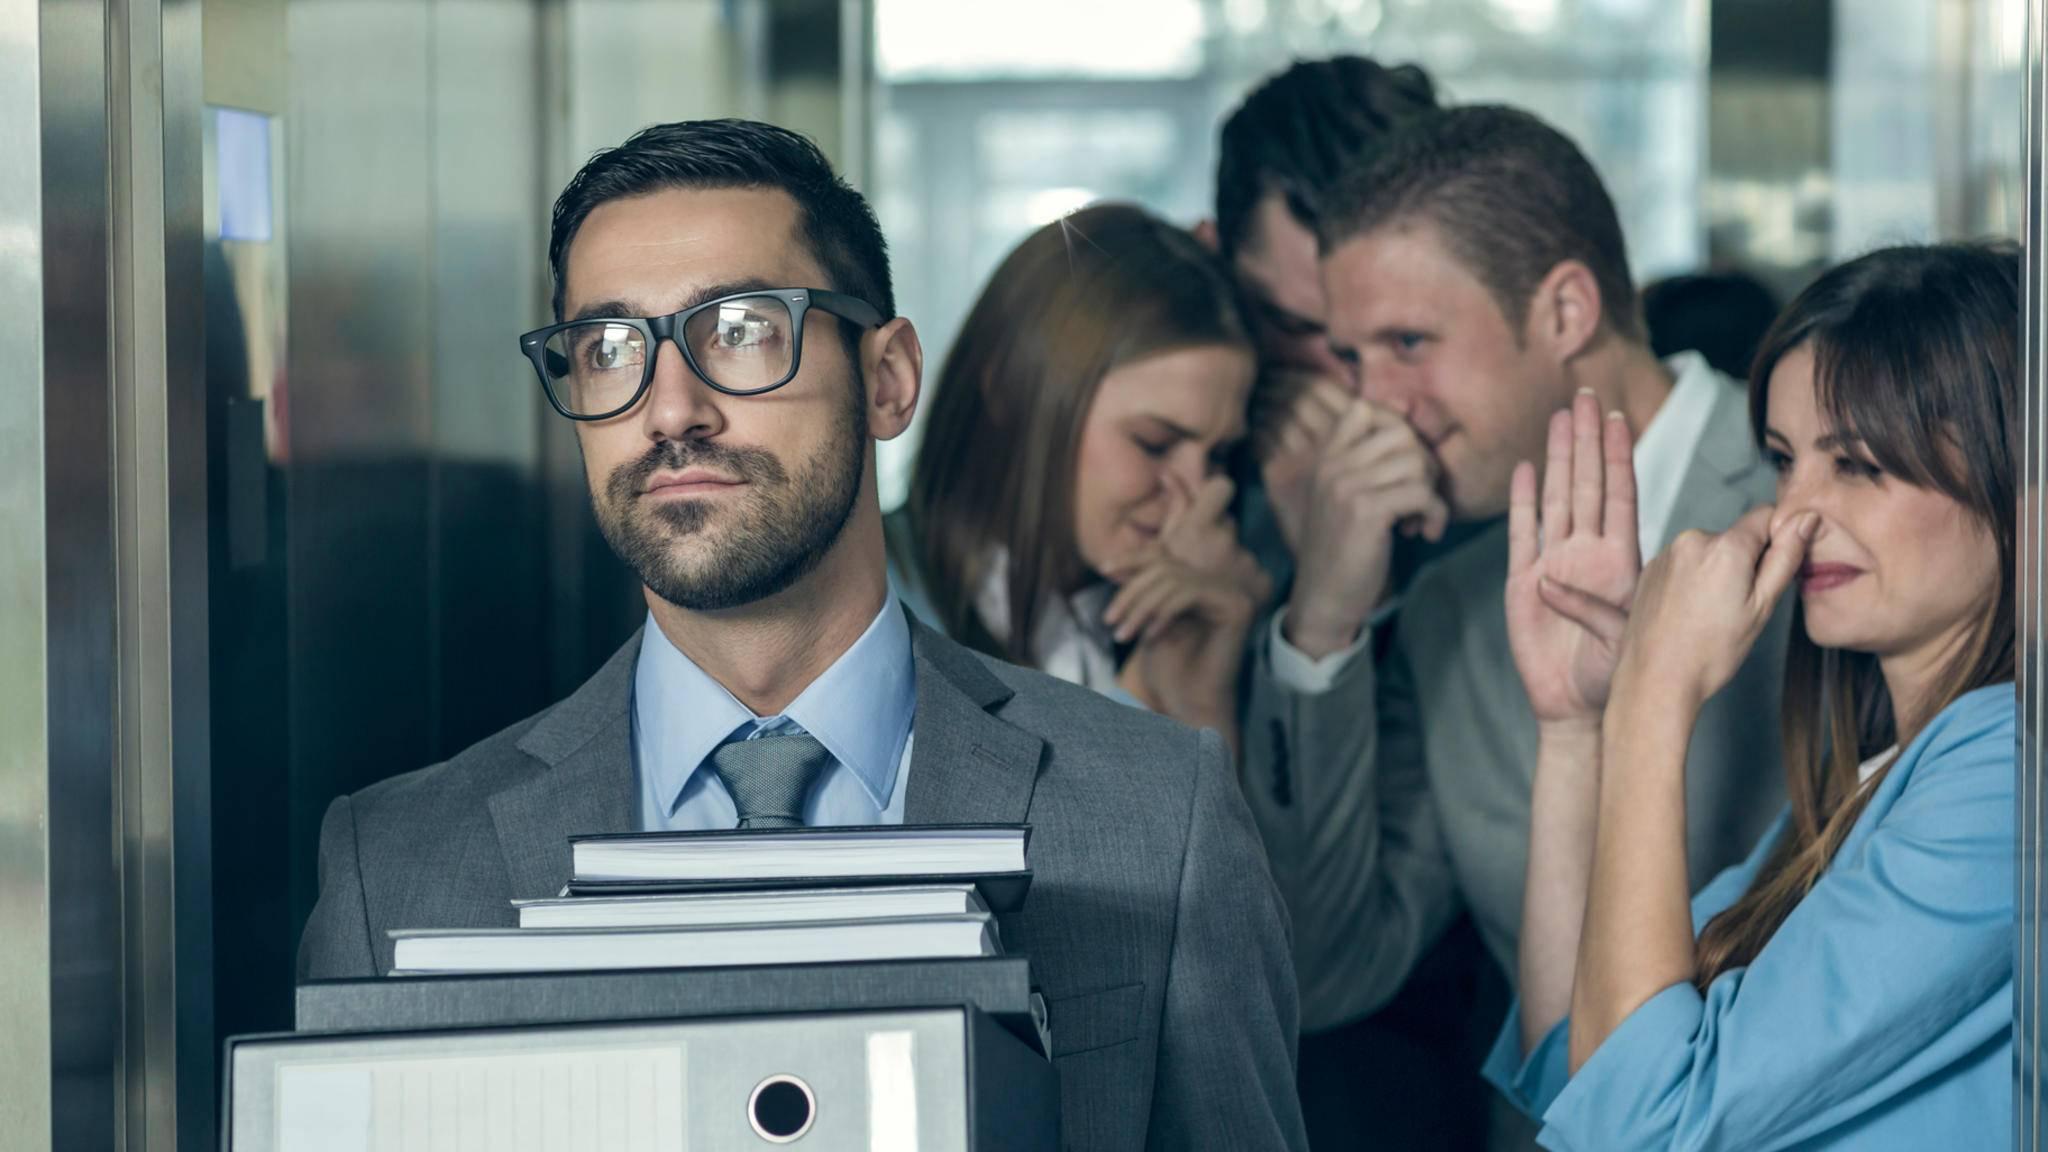 Körpergeruch kann besonders auf der Arbeit schnell für dicke Luft sorgen.